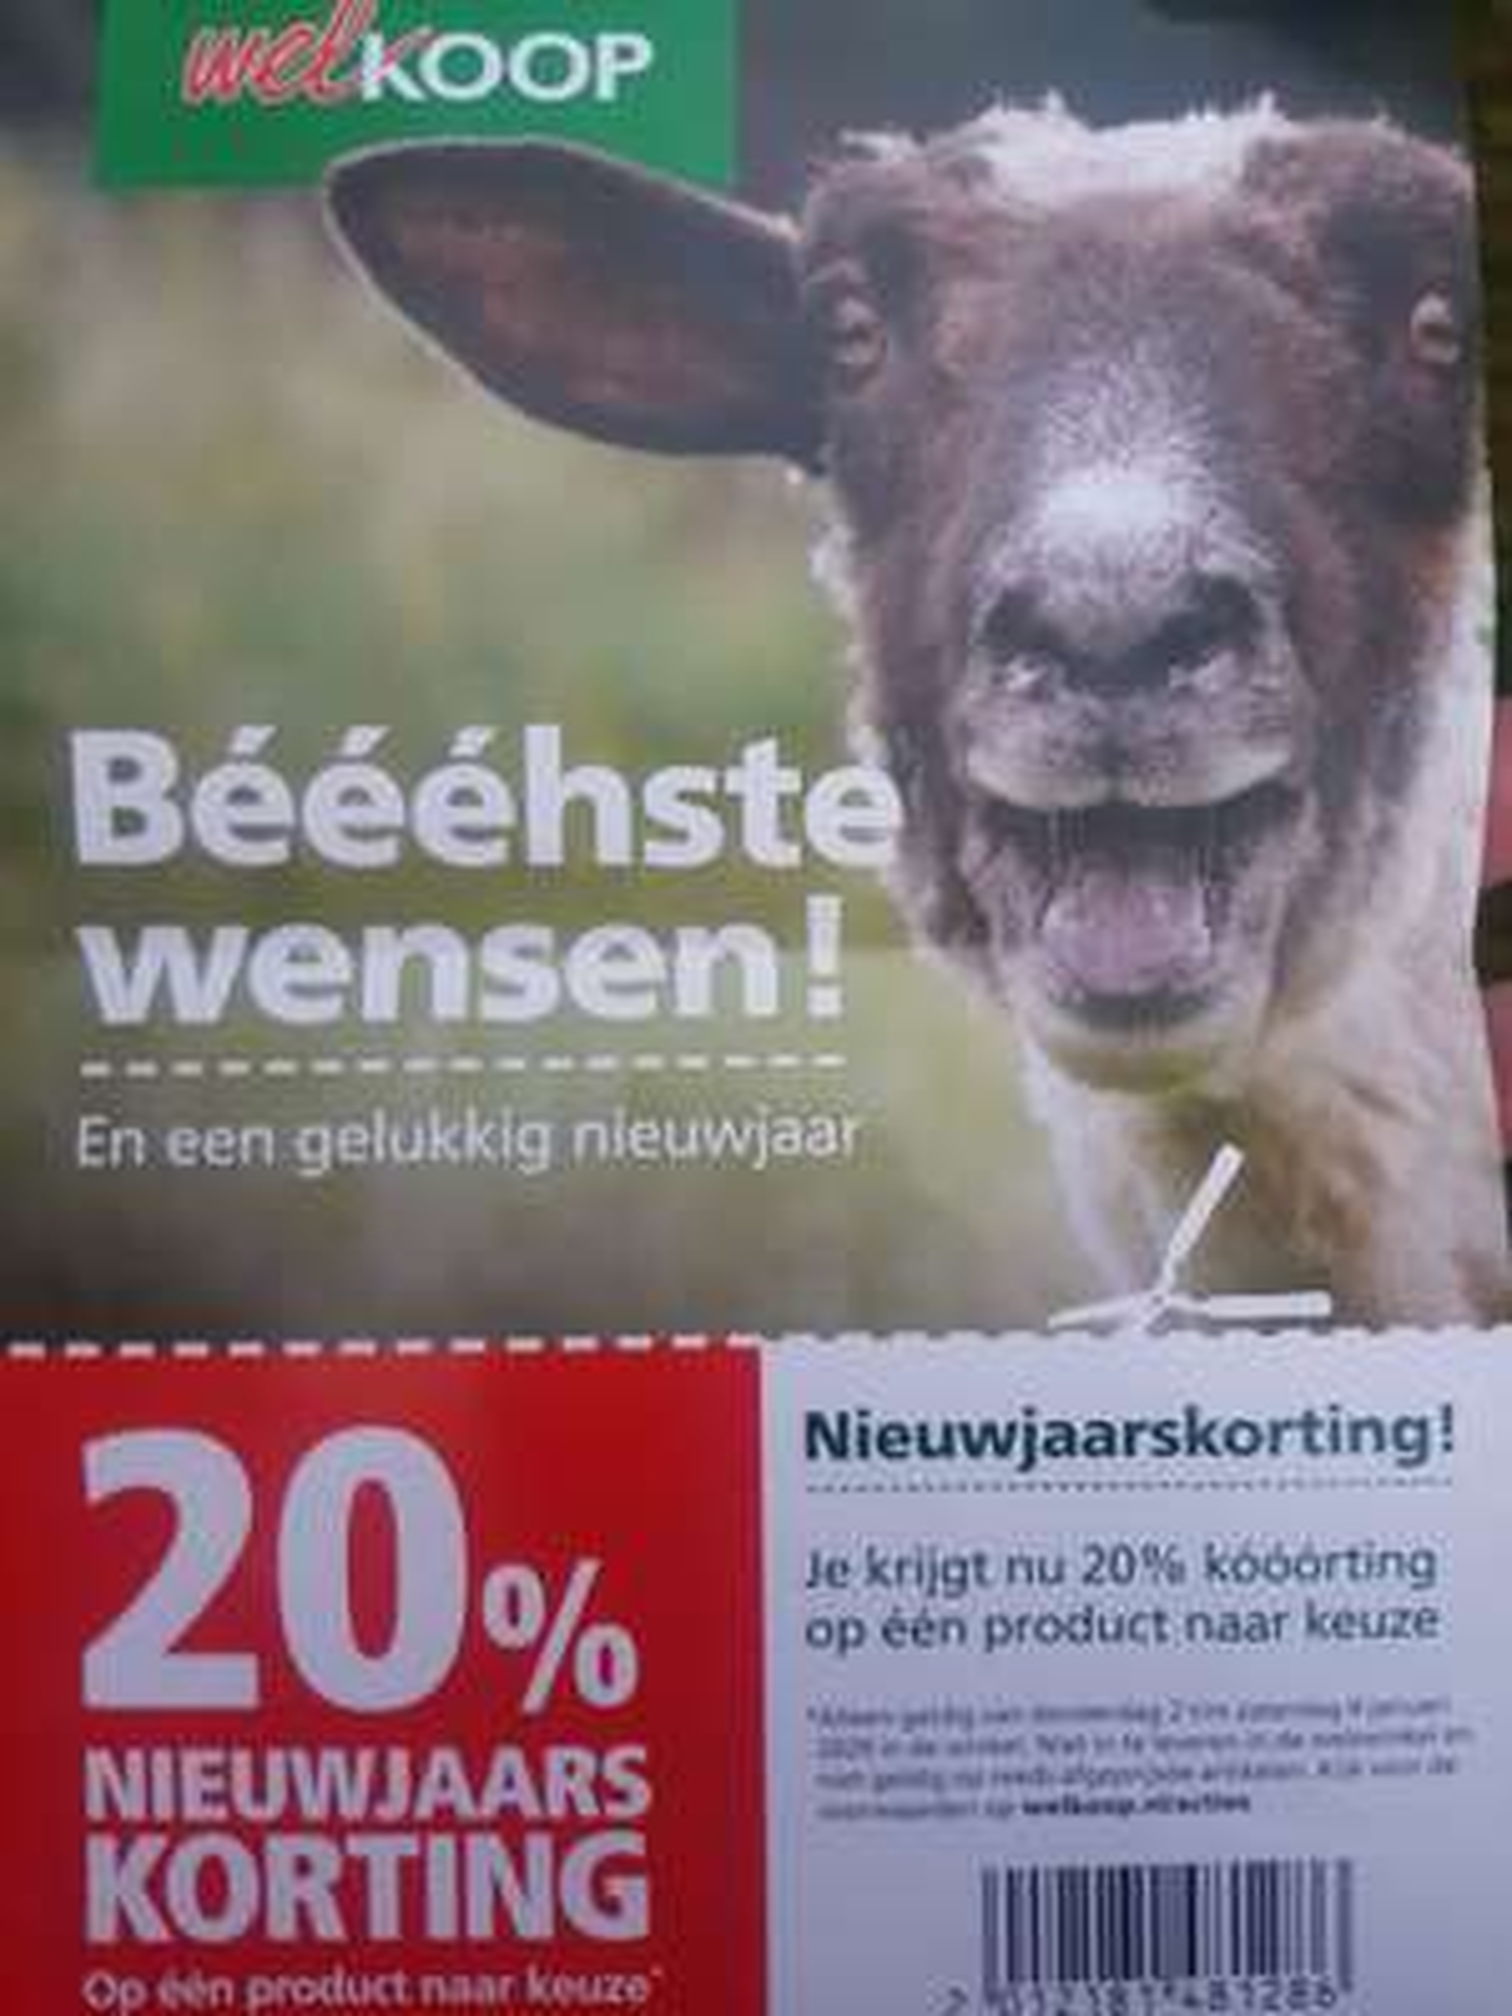 20% korting bij Welkoop (2 t/m 4 jan)